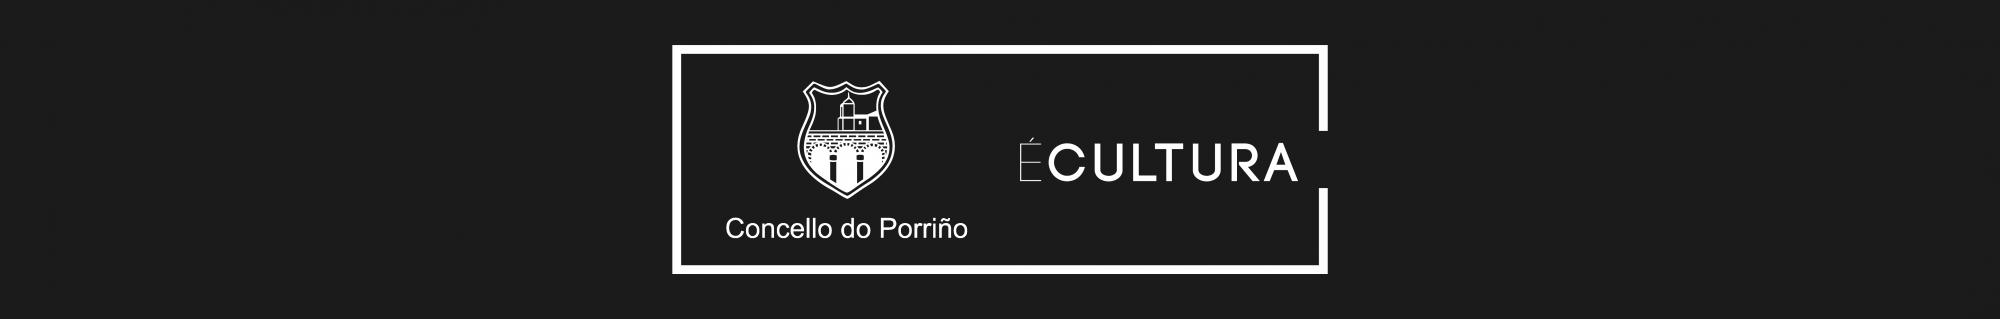 Cabecera-web-ecultura.png